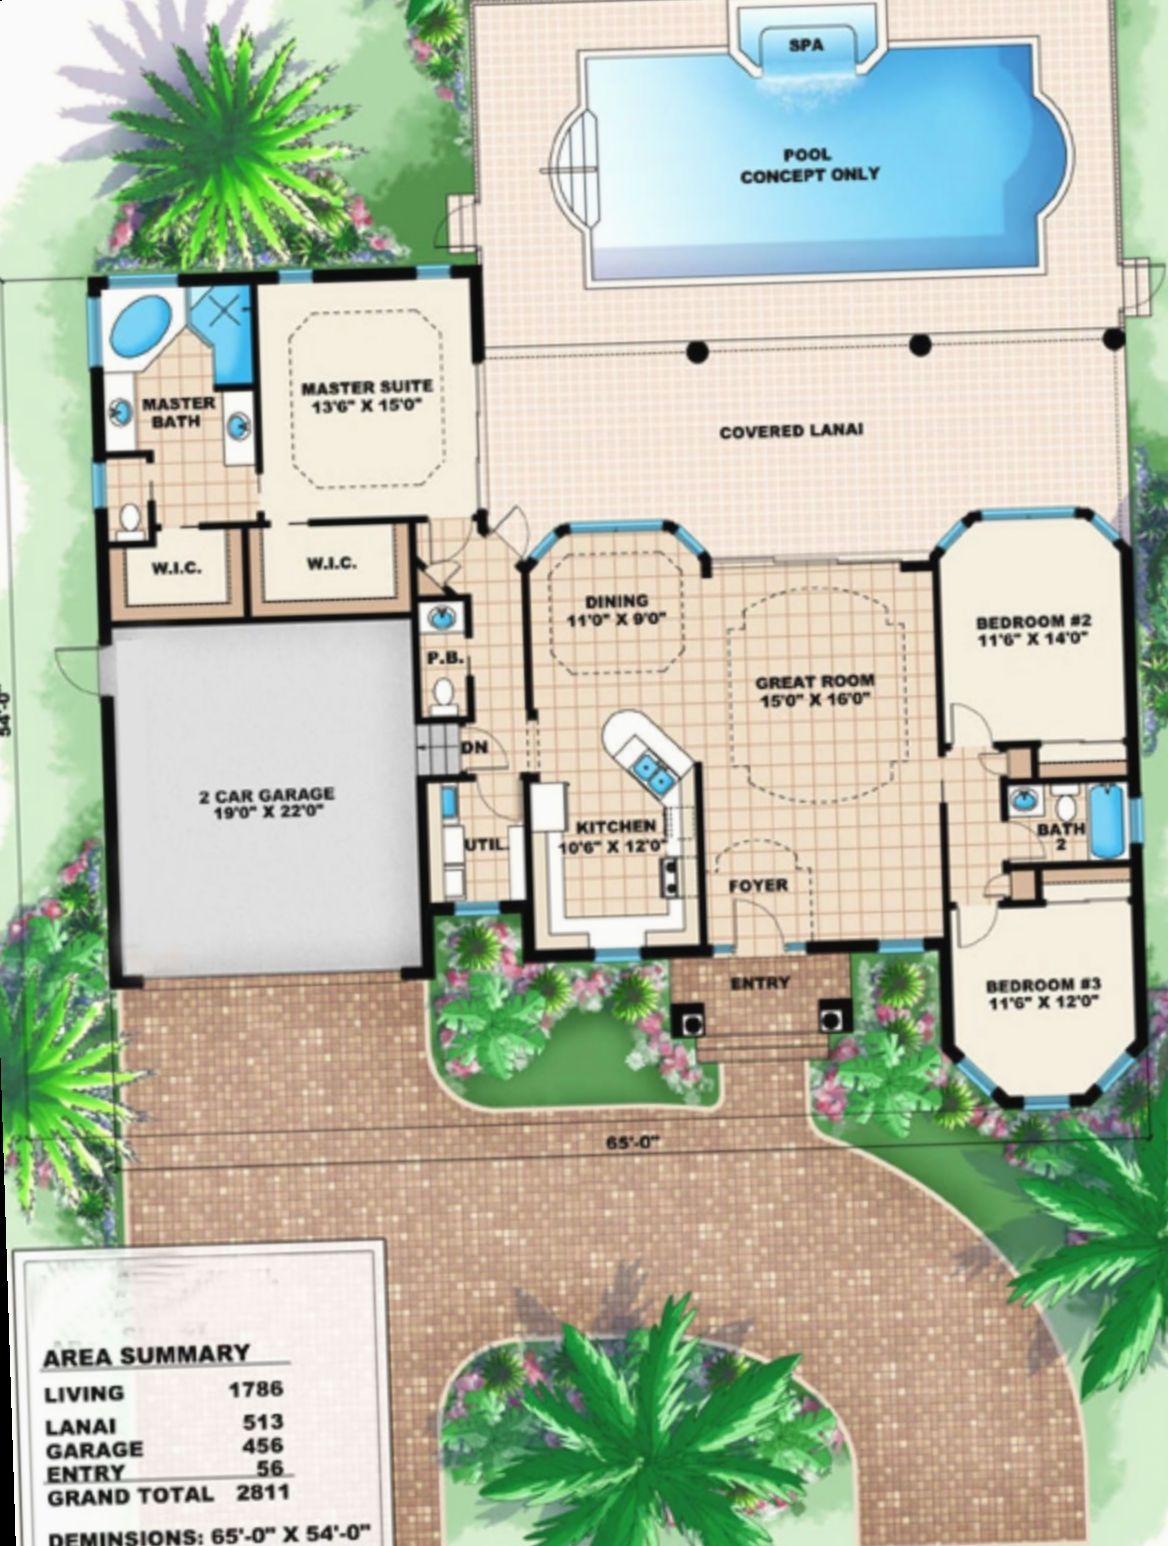 17 Office Design Architecture Plan House Blueprints Denah Rumah Rumah